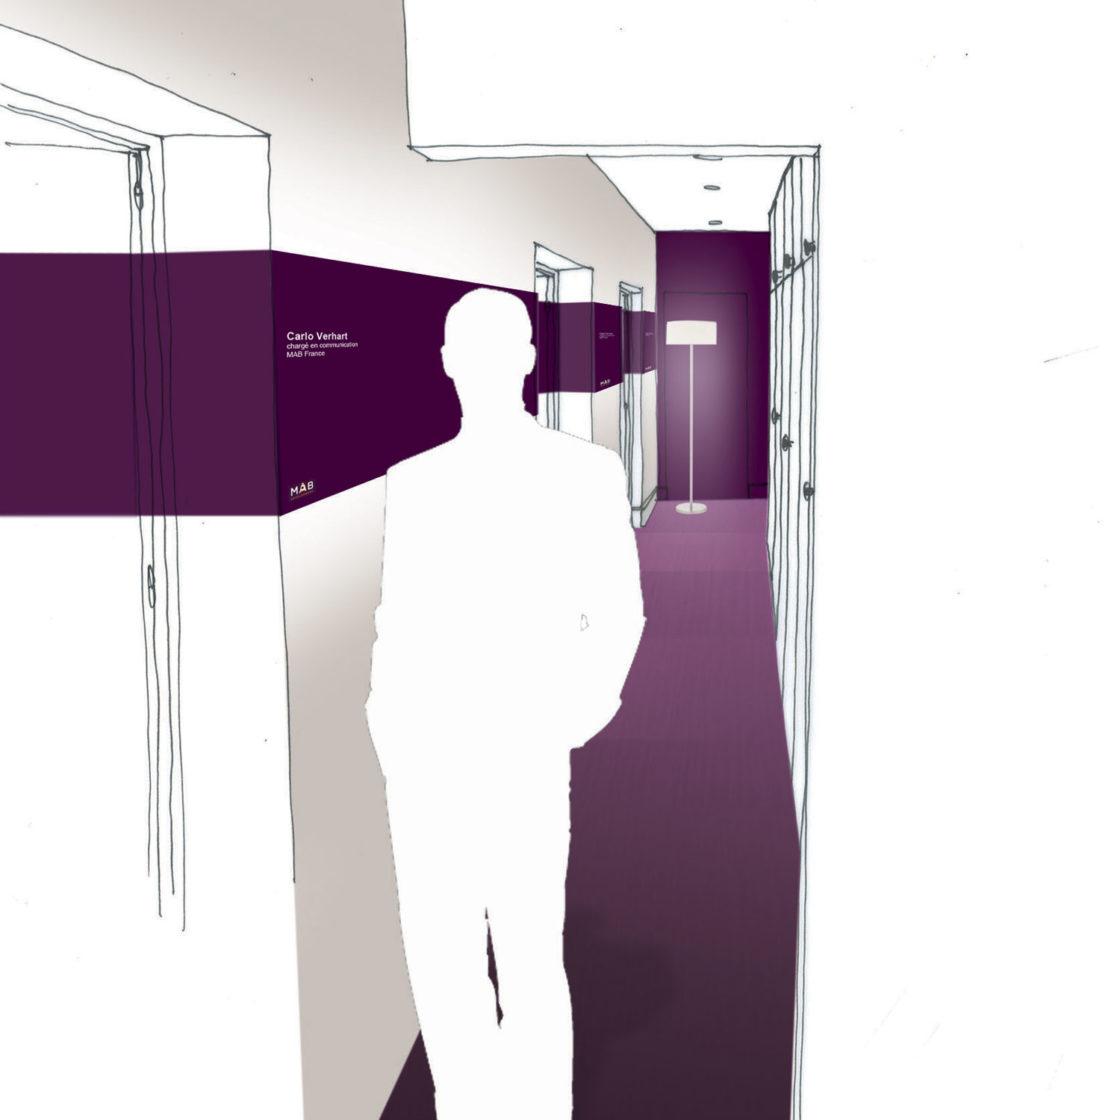 4mab_couloir